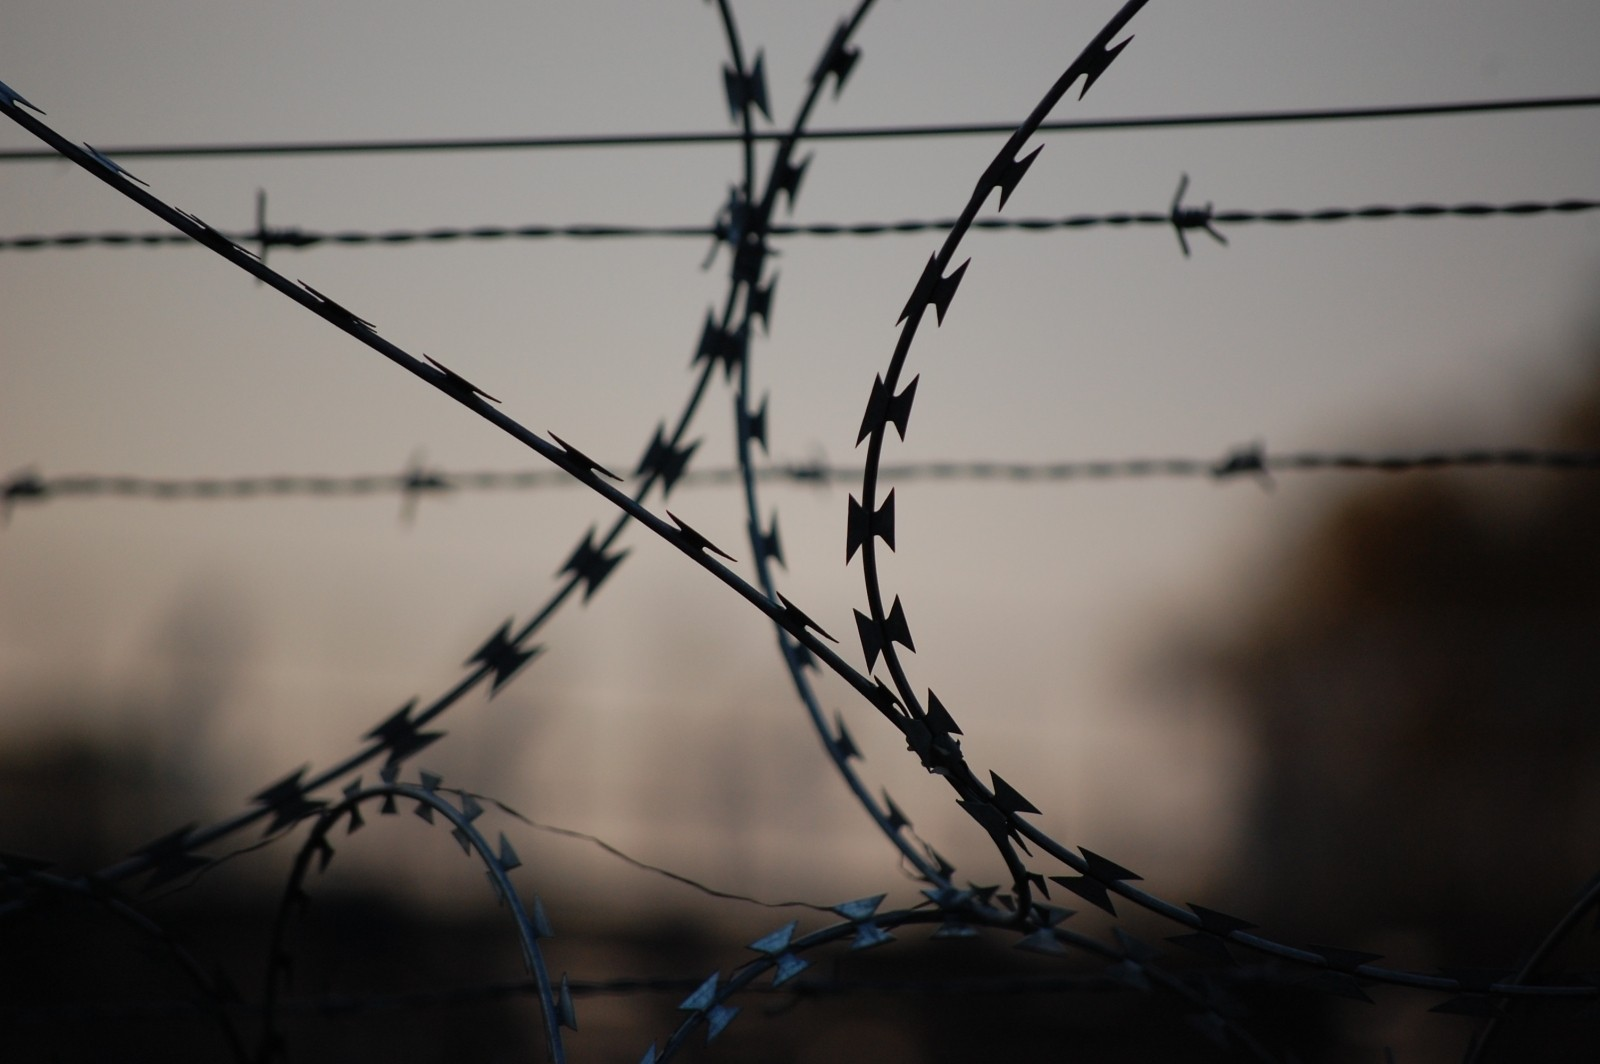 Fængsel, pigtråd